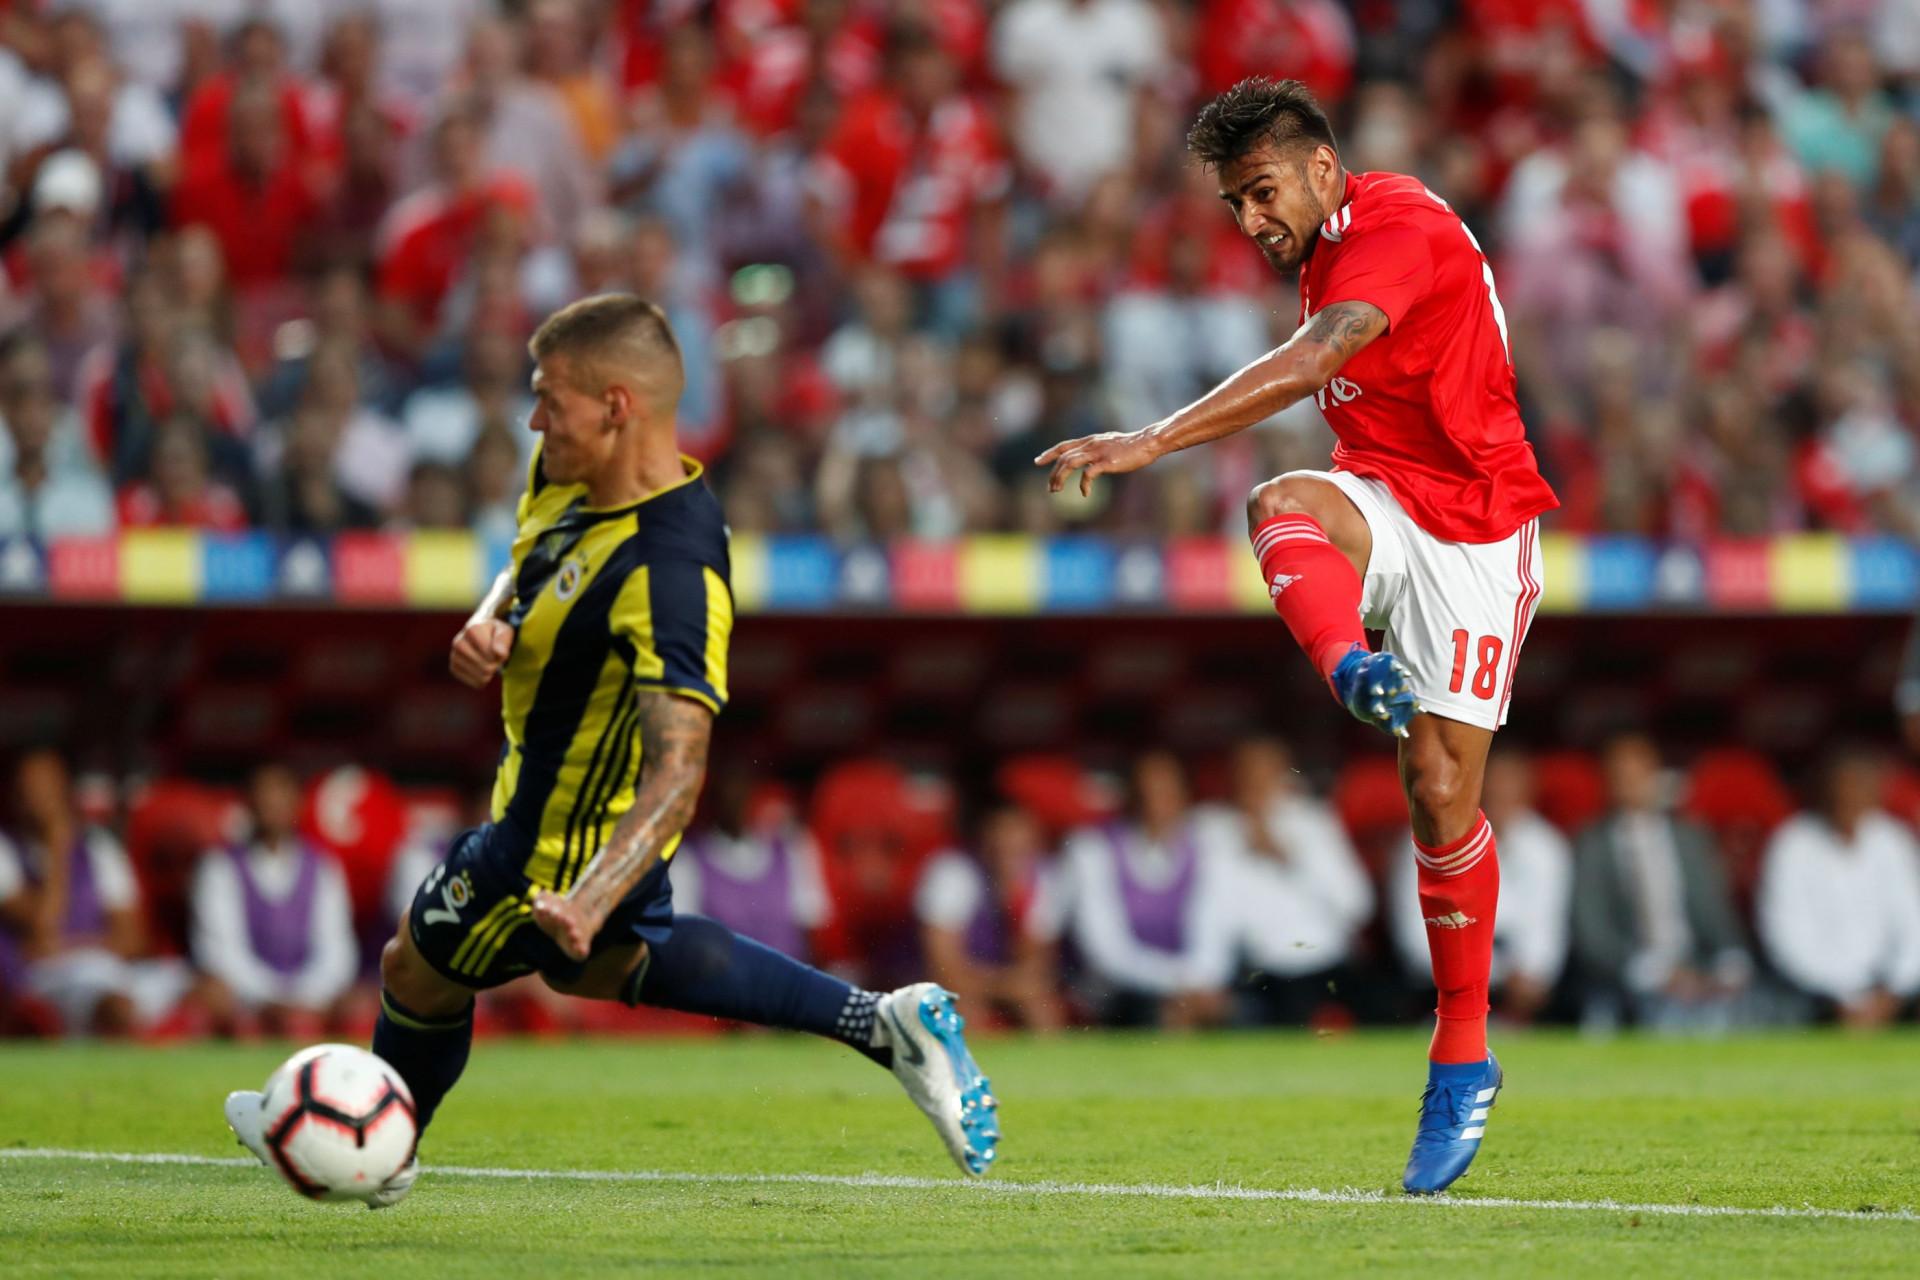 Benfica-Fenerbahçe: As imagens que não viu na televisão